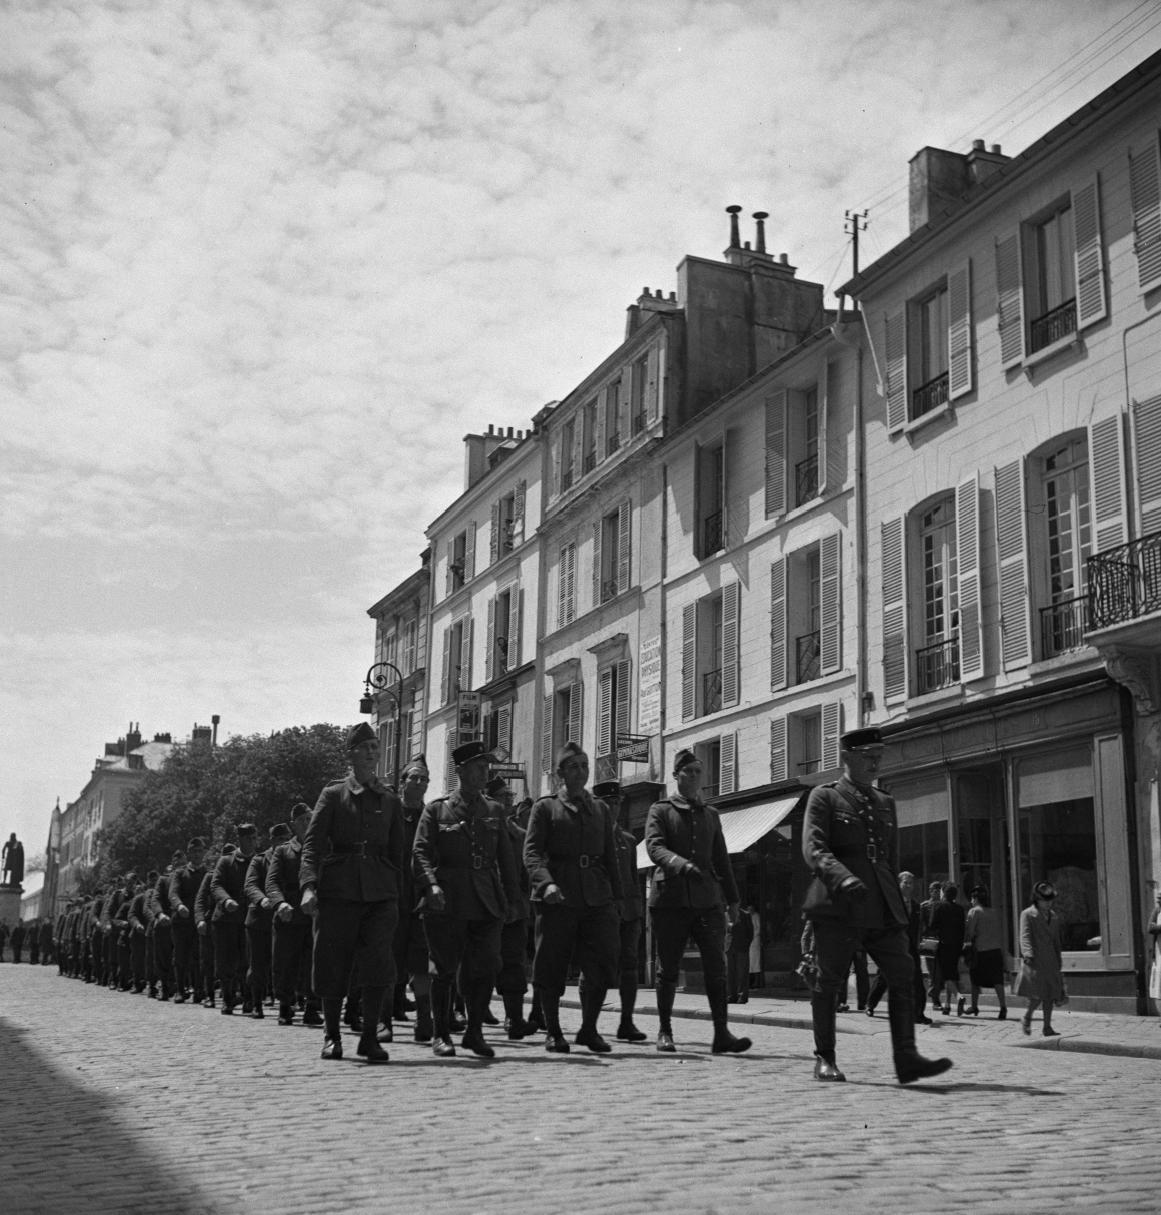 33. Легионеры проходят колонной к вокзалу по городским улицам